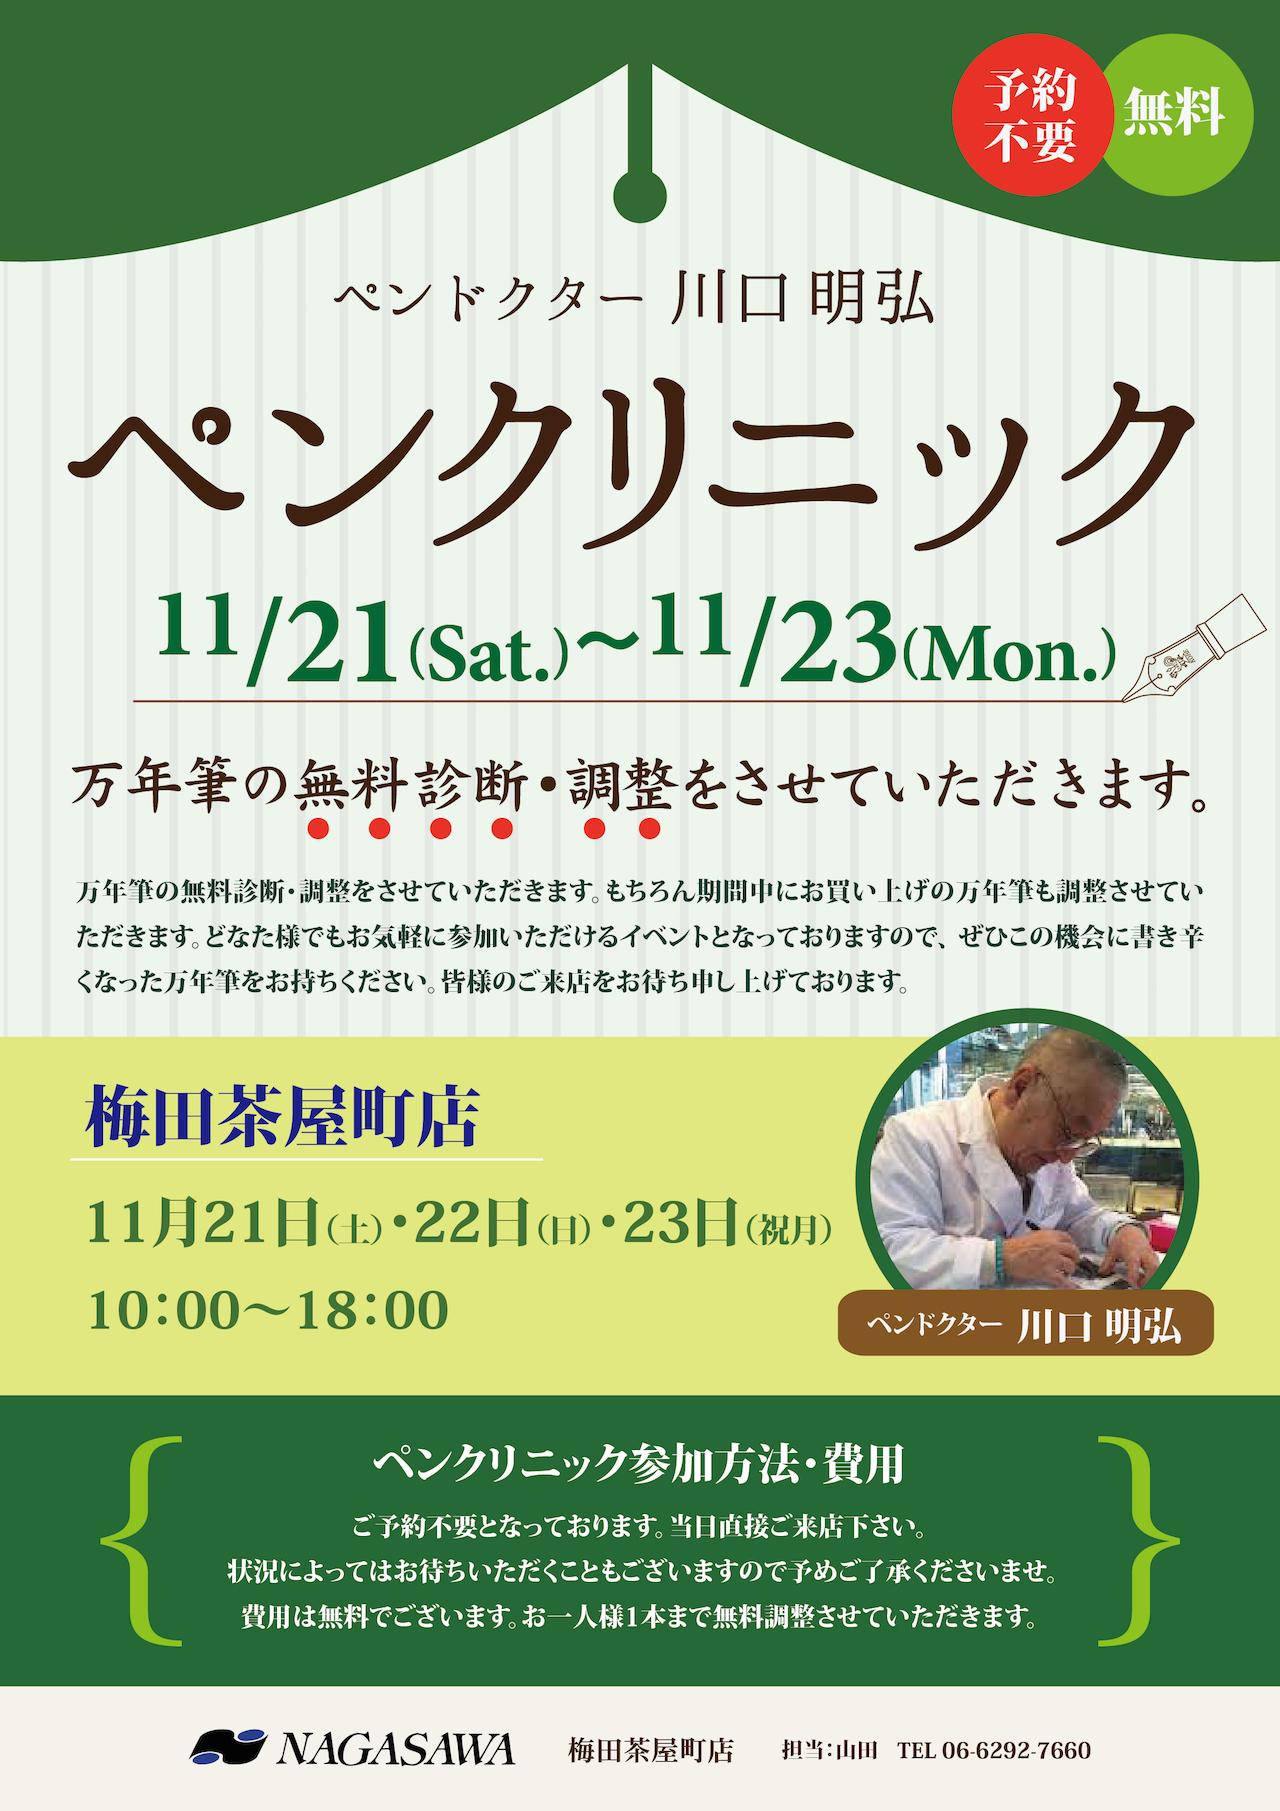 神戸 大阪 ペンクリニック 日程情報